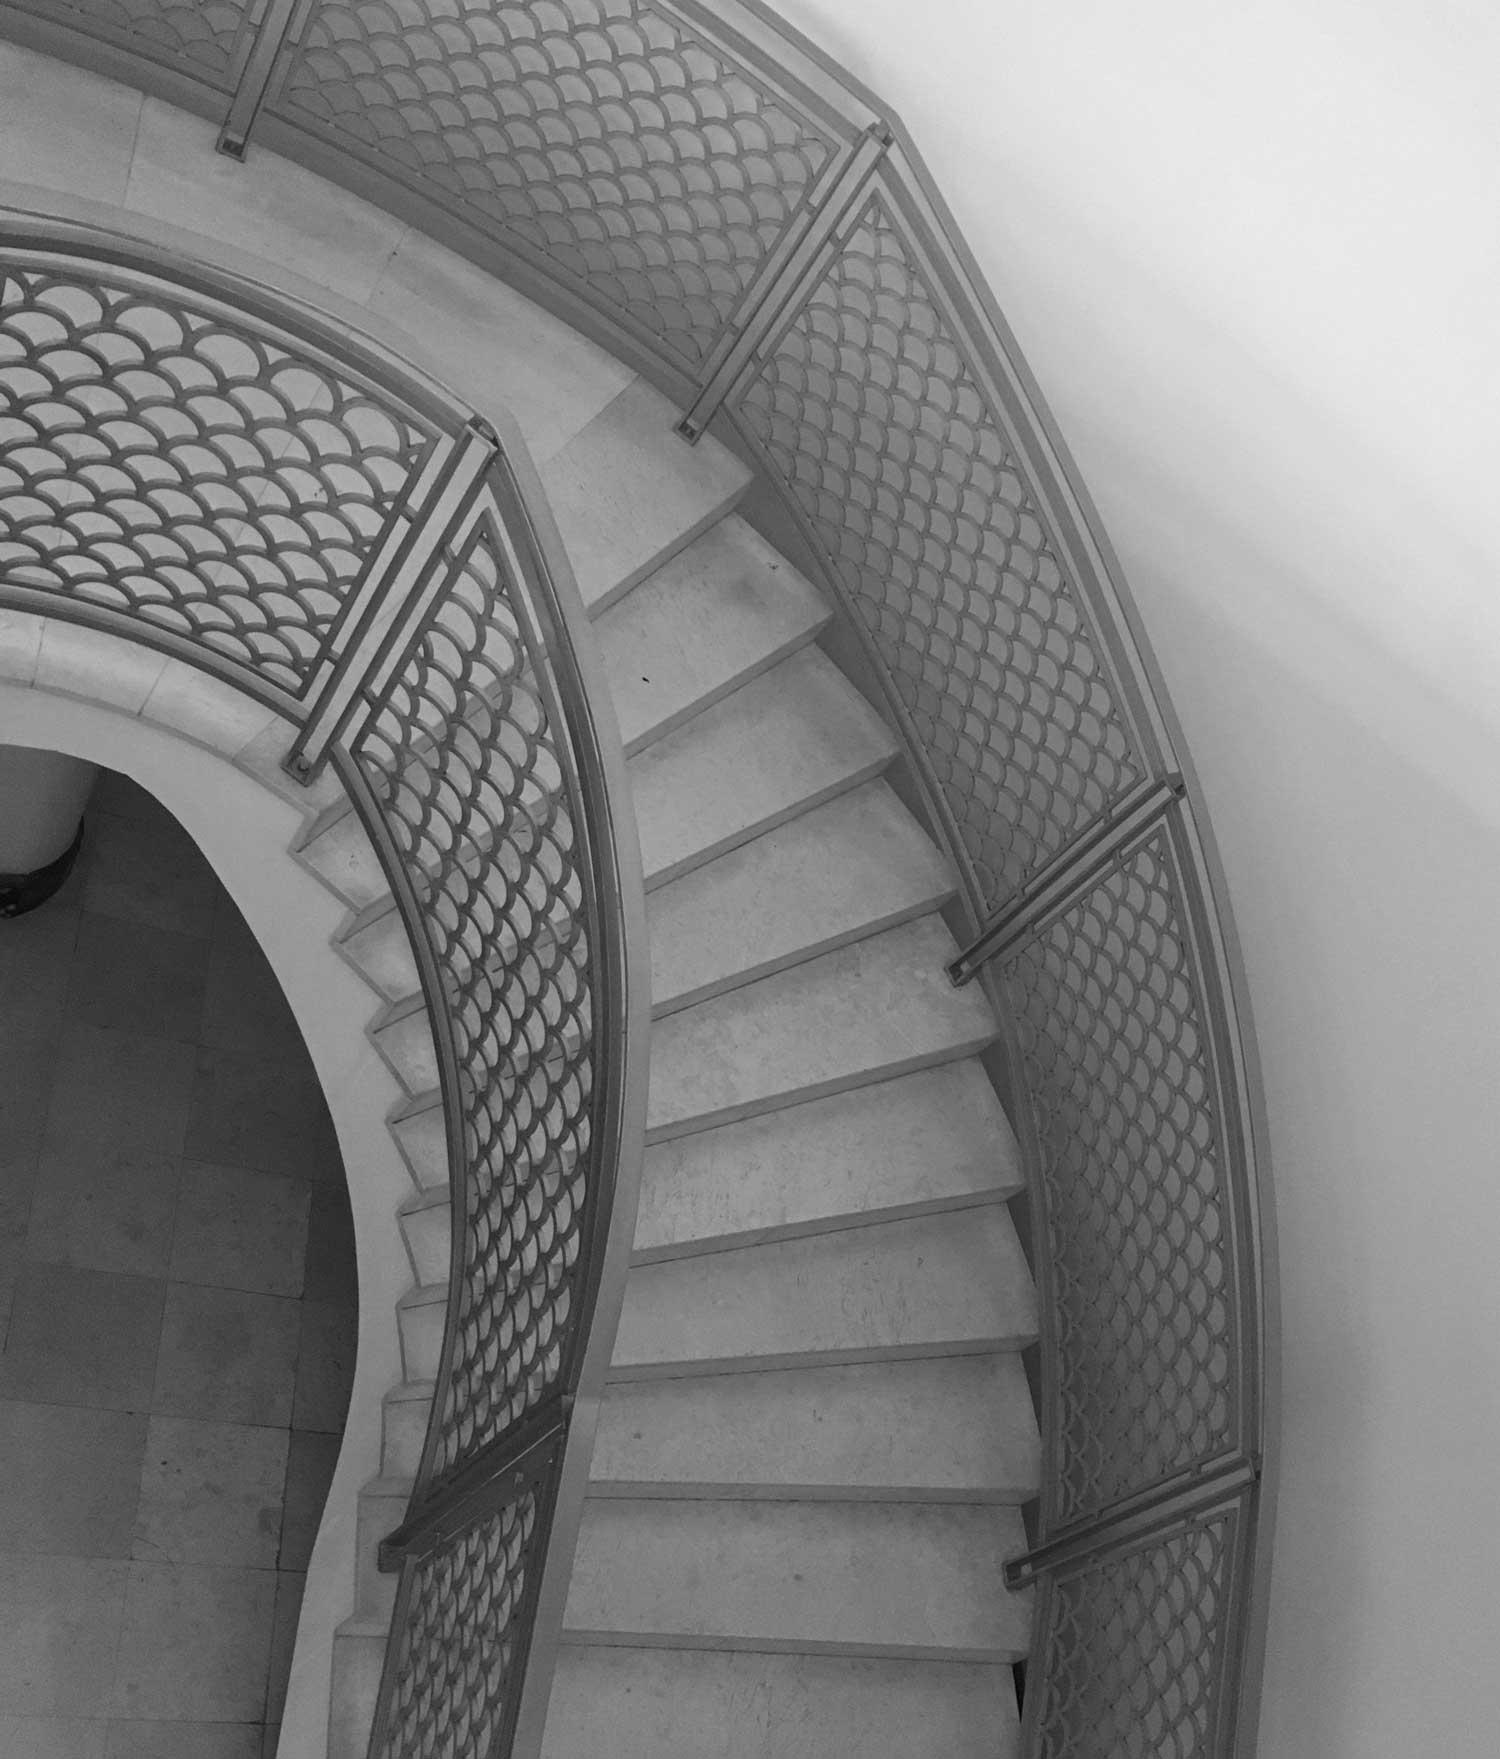 rebecca_bramwell_stairs.jpg